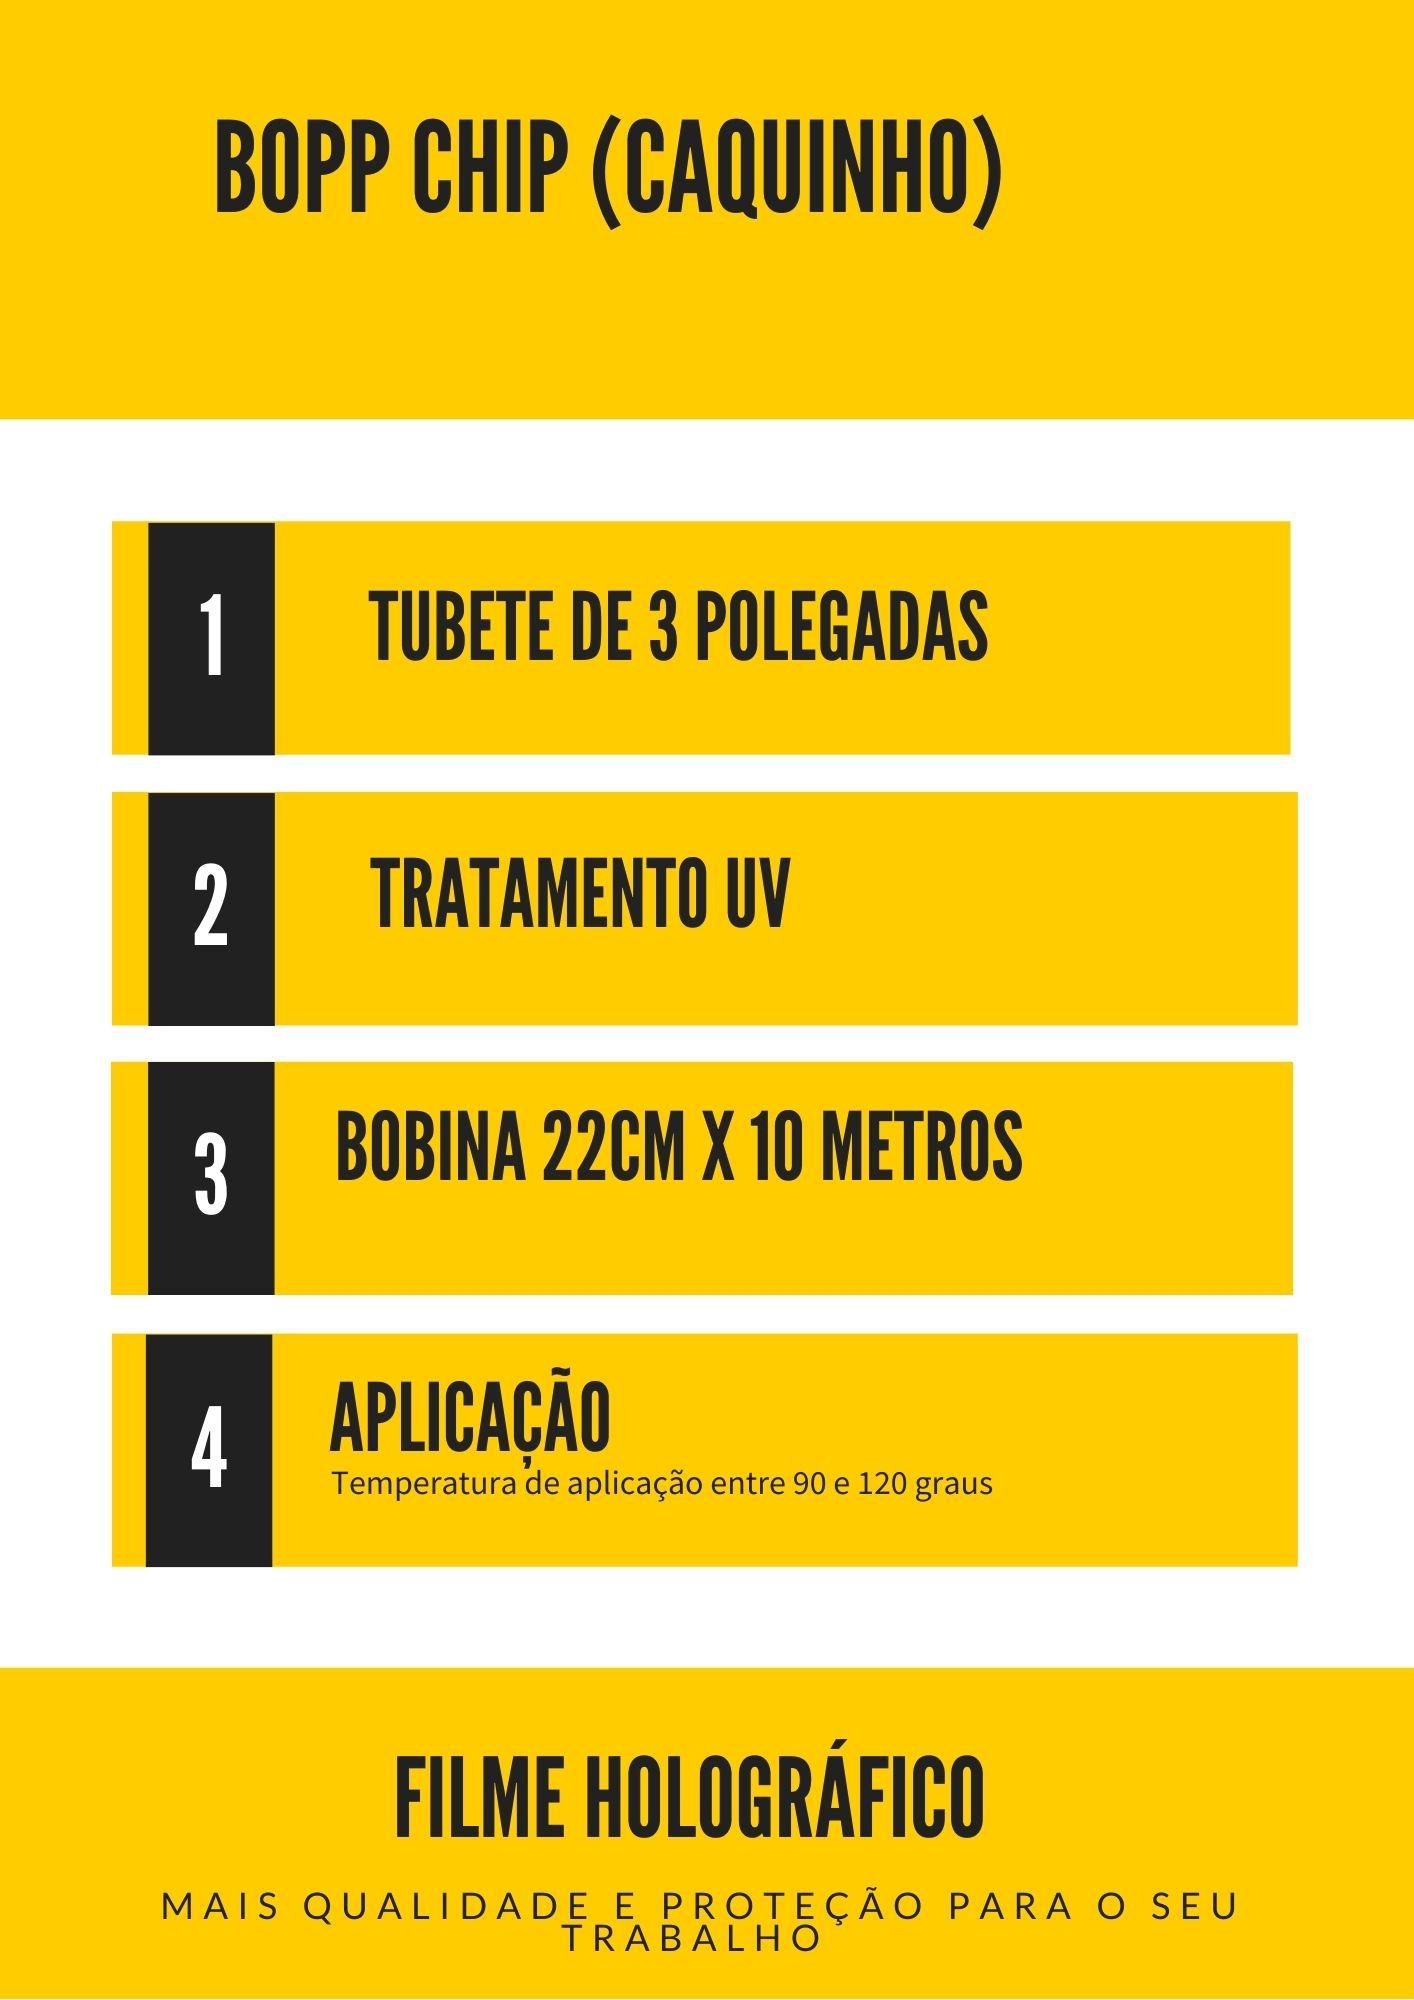 http://www.psgsuprimentos.com.br/view/_upload/produto/204/1614865559preto-e-amarelo-atendimento-de-emergencia-cartaz-_2_.jpg